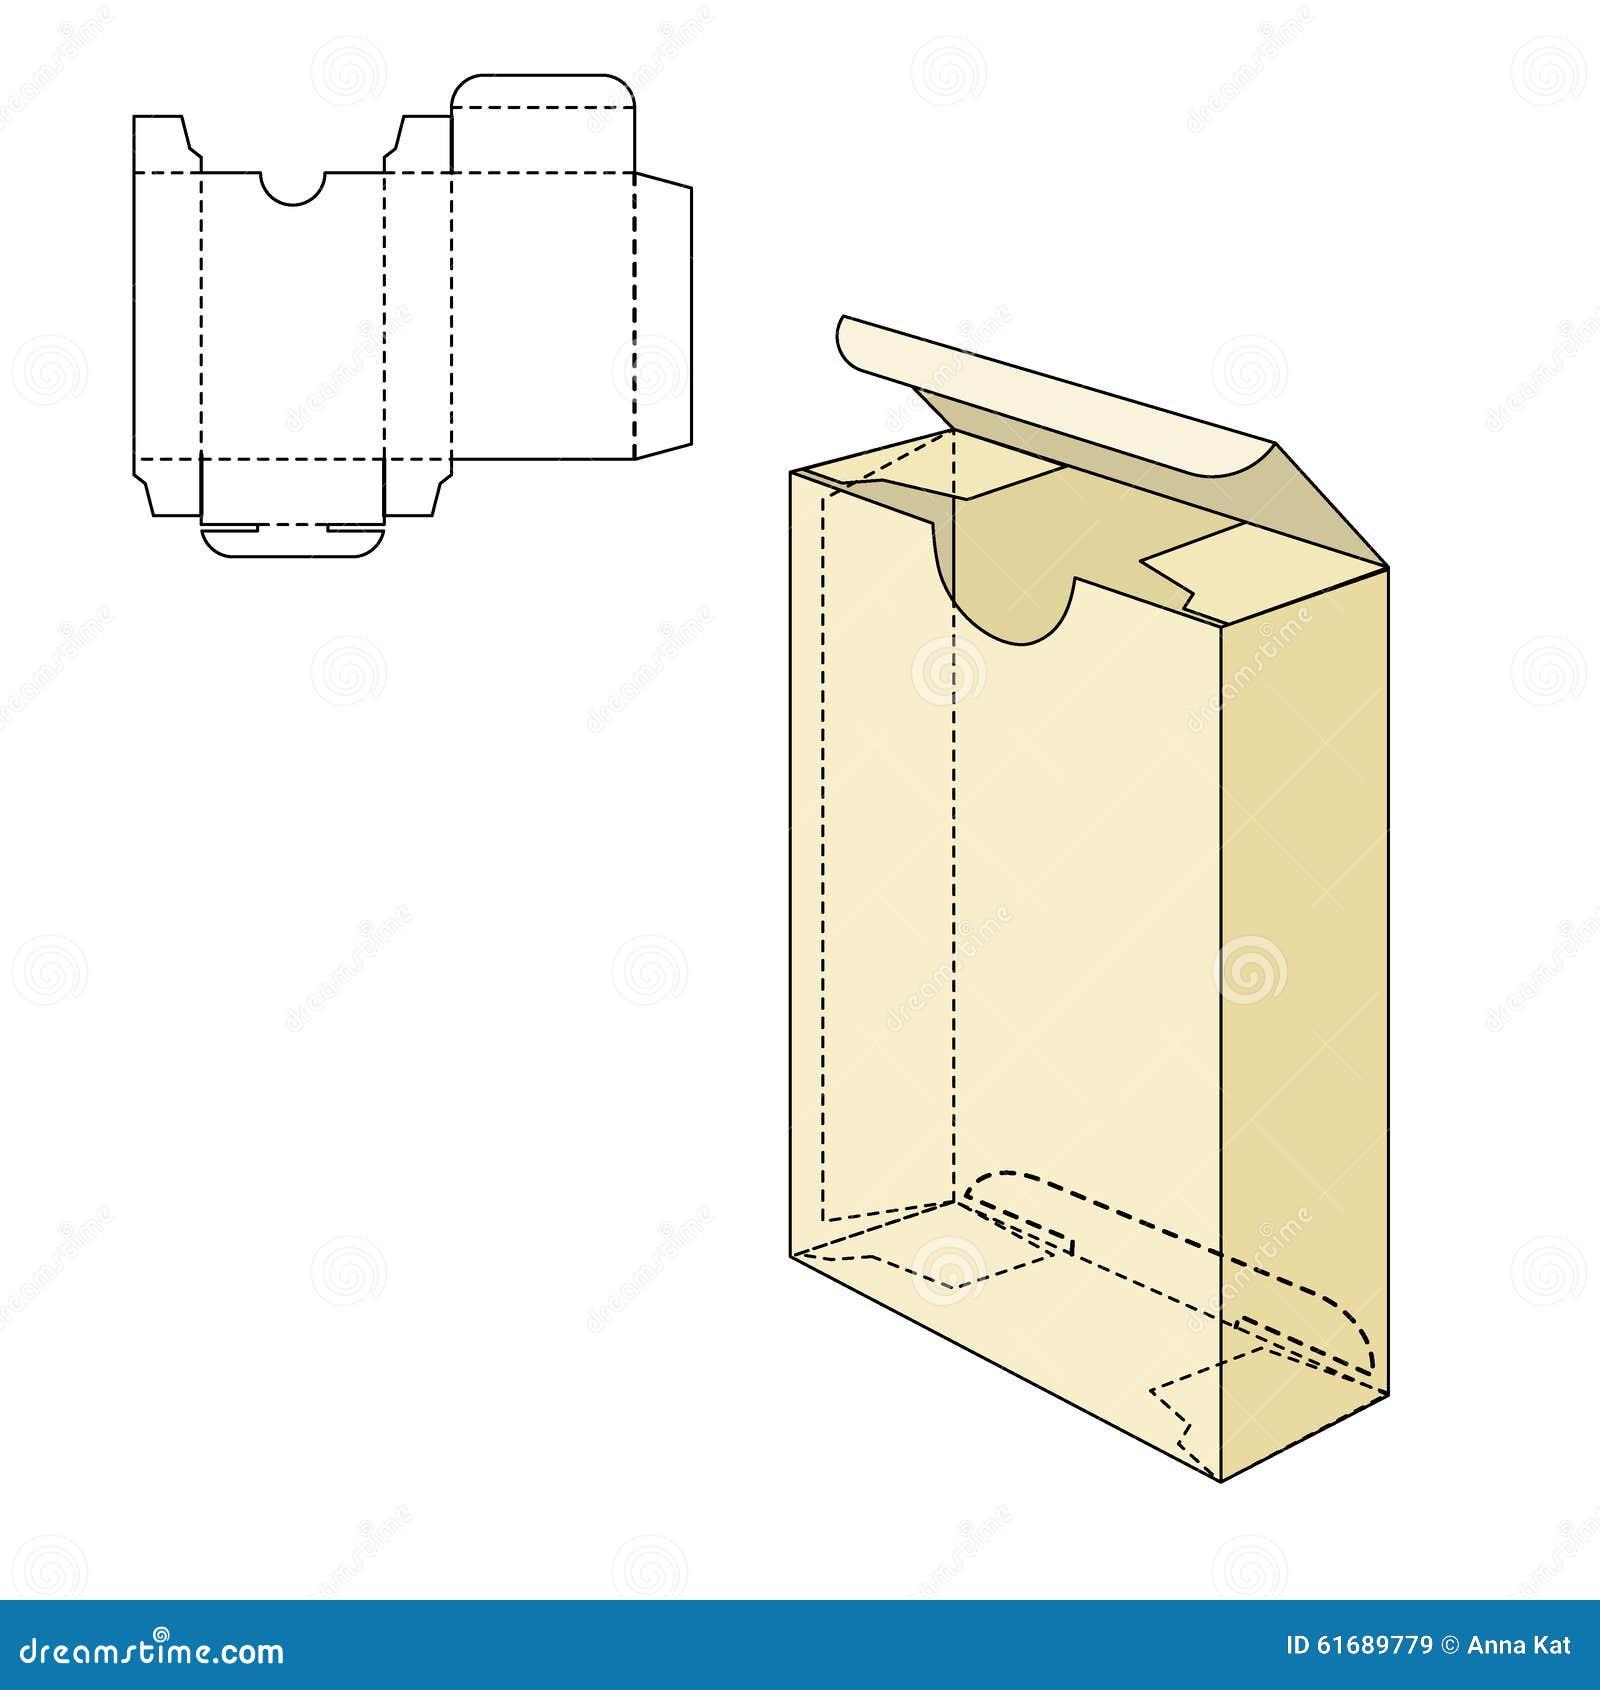 box die line stock vector illustration of blueprint 61689779. Black Bedroom Furniture Sets. Home Design Ideas